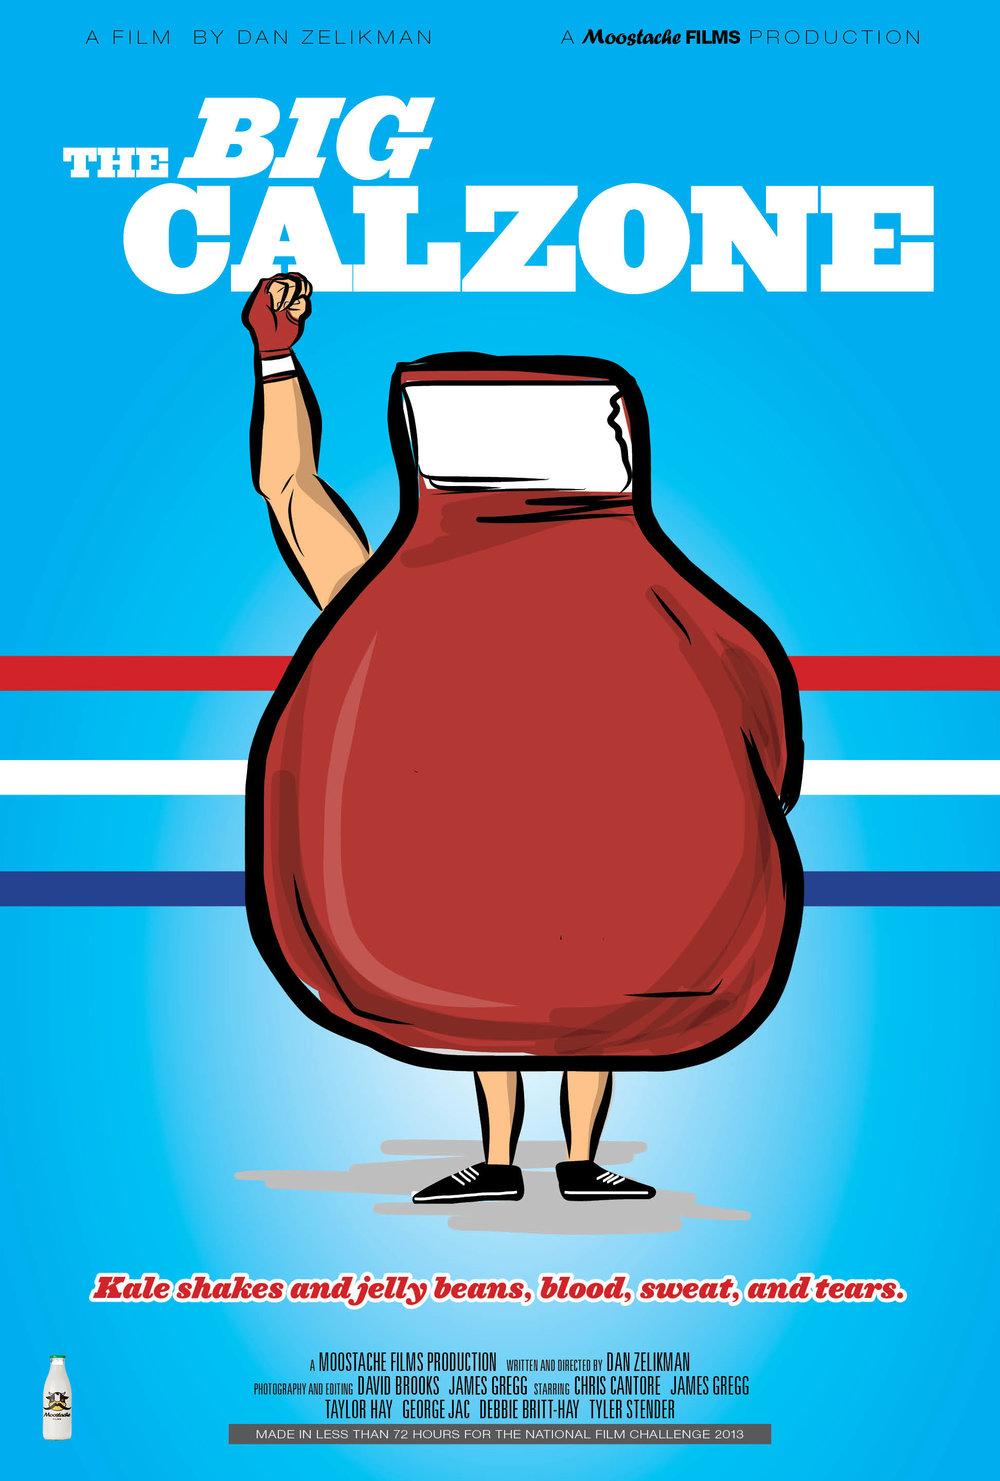 Poster design by Valentino Valdez